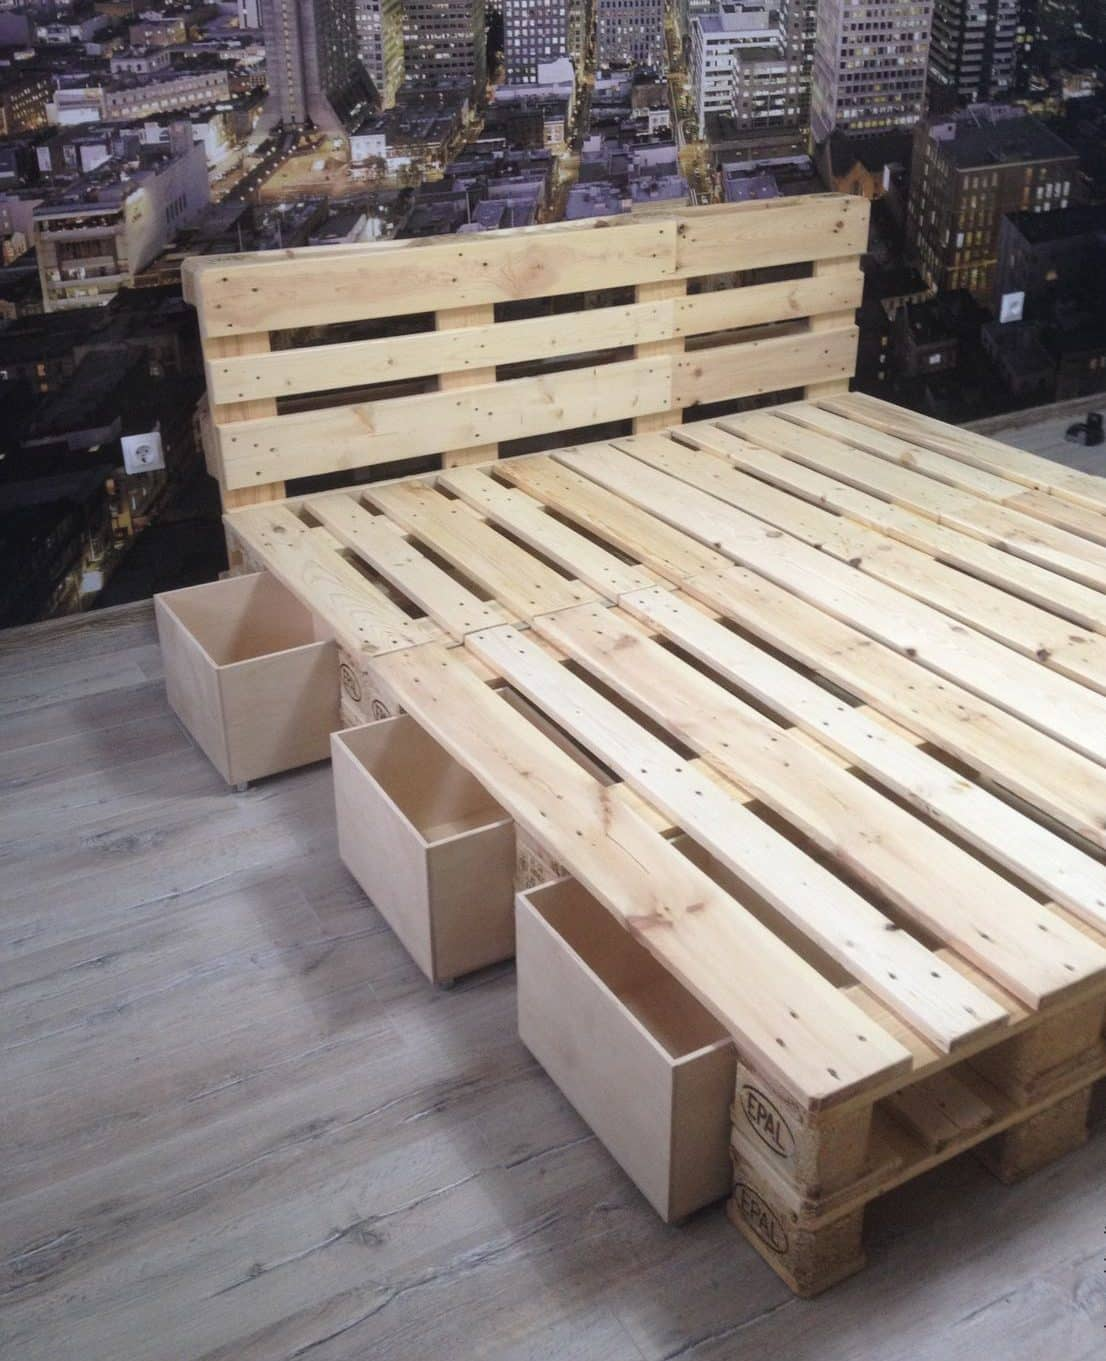 Кровать из поддонов с ящиками для хранения вещей